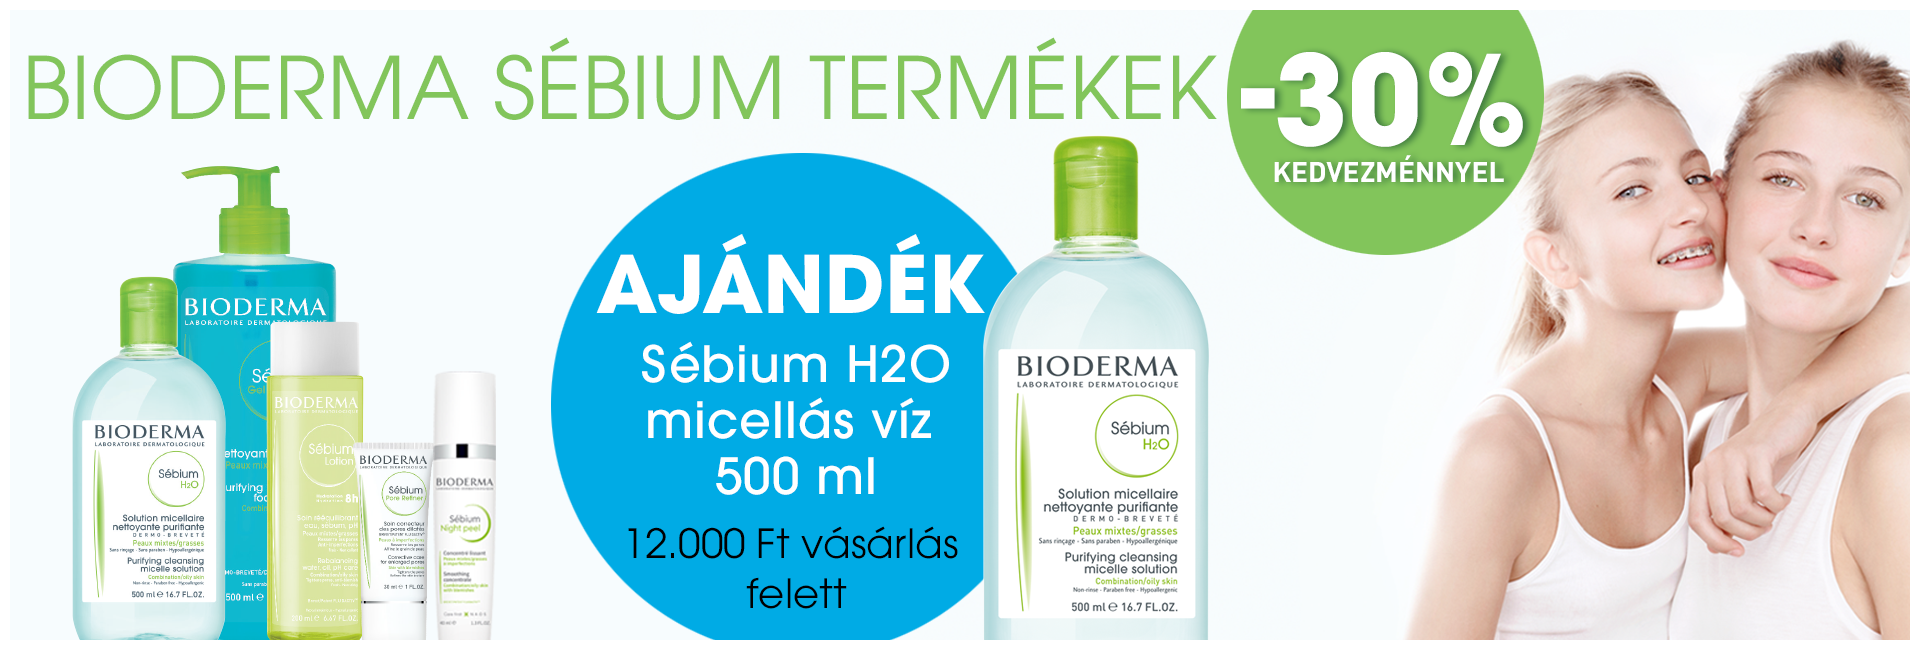 2020. szeptember 30-ig minden Bioderma Sébium terméket 30% kedvezménnyel kínálunk!